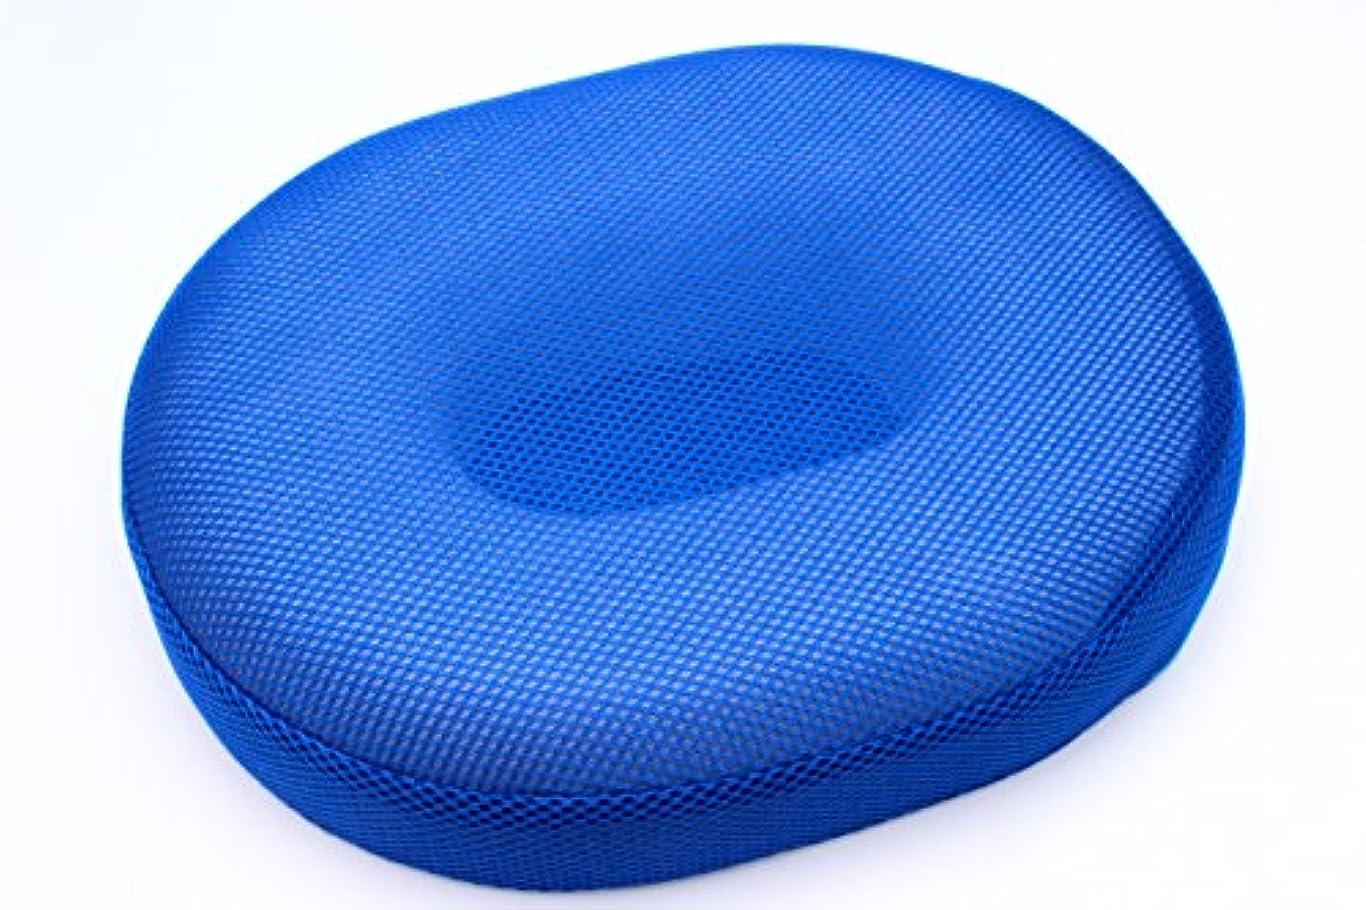 ぐったり寝室を掃除するスプレー円座 ちょっと硬め ドーナツ型 クッション メッシュ?スウェード (ブルー(メッシュ))